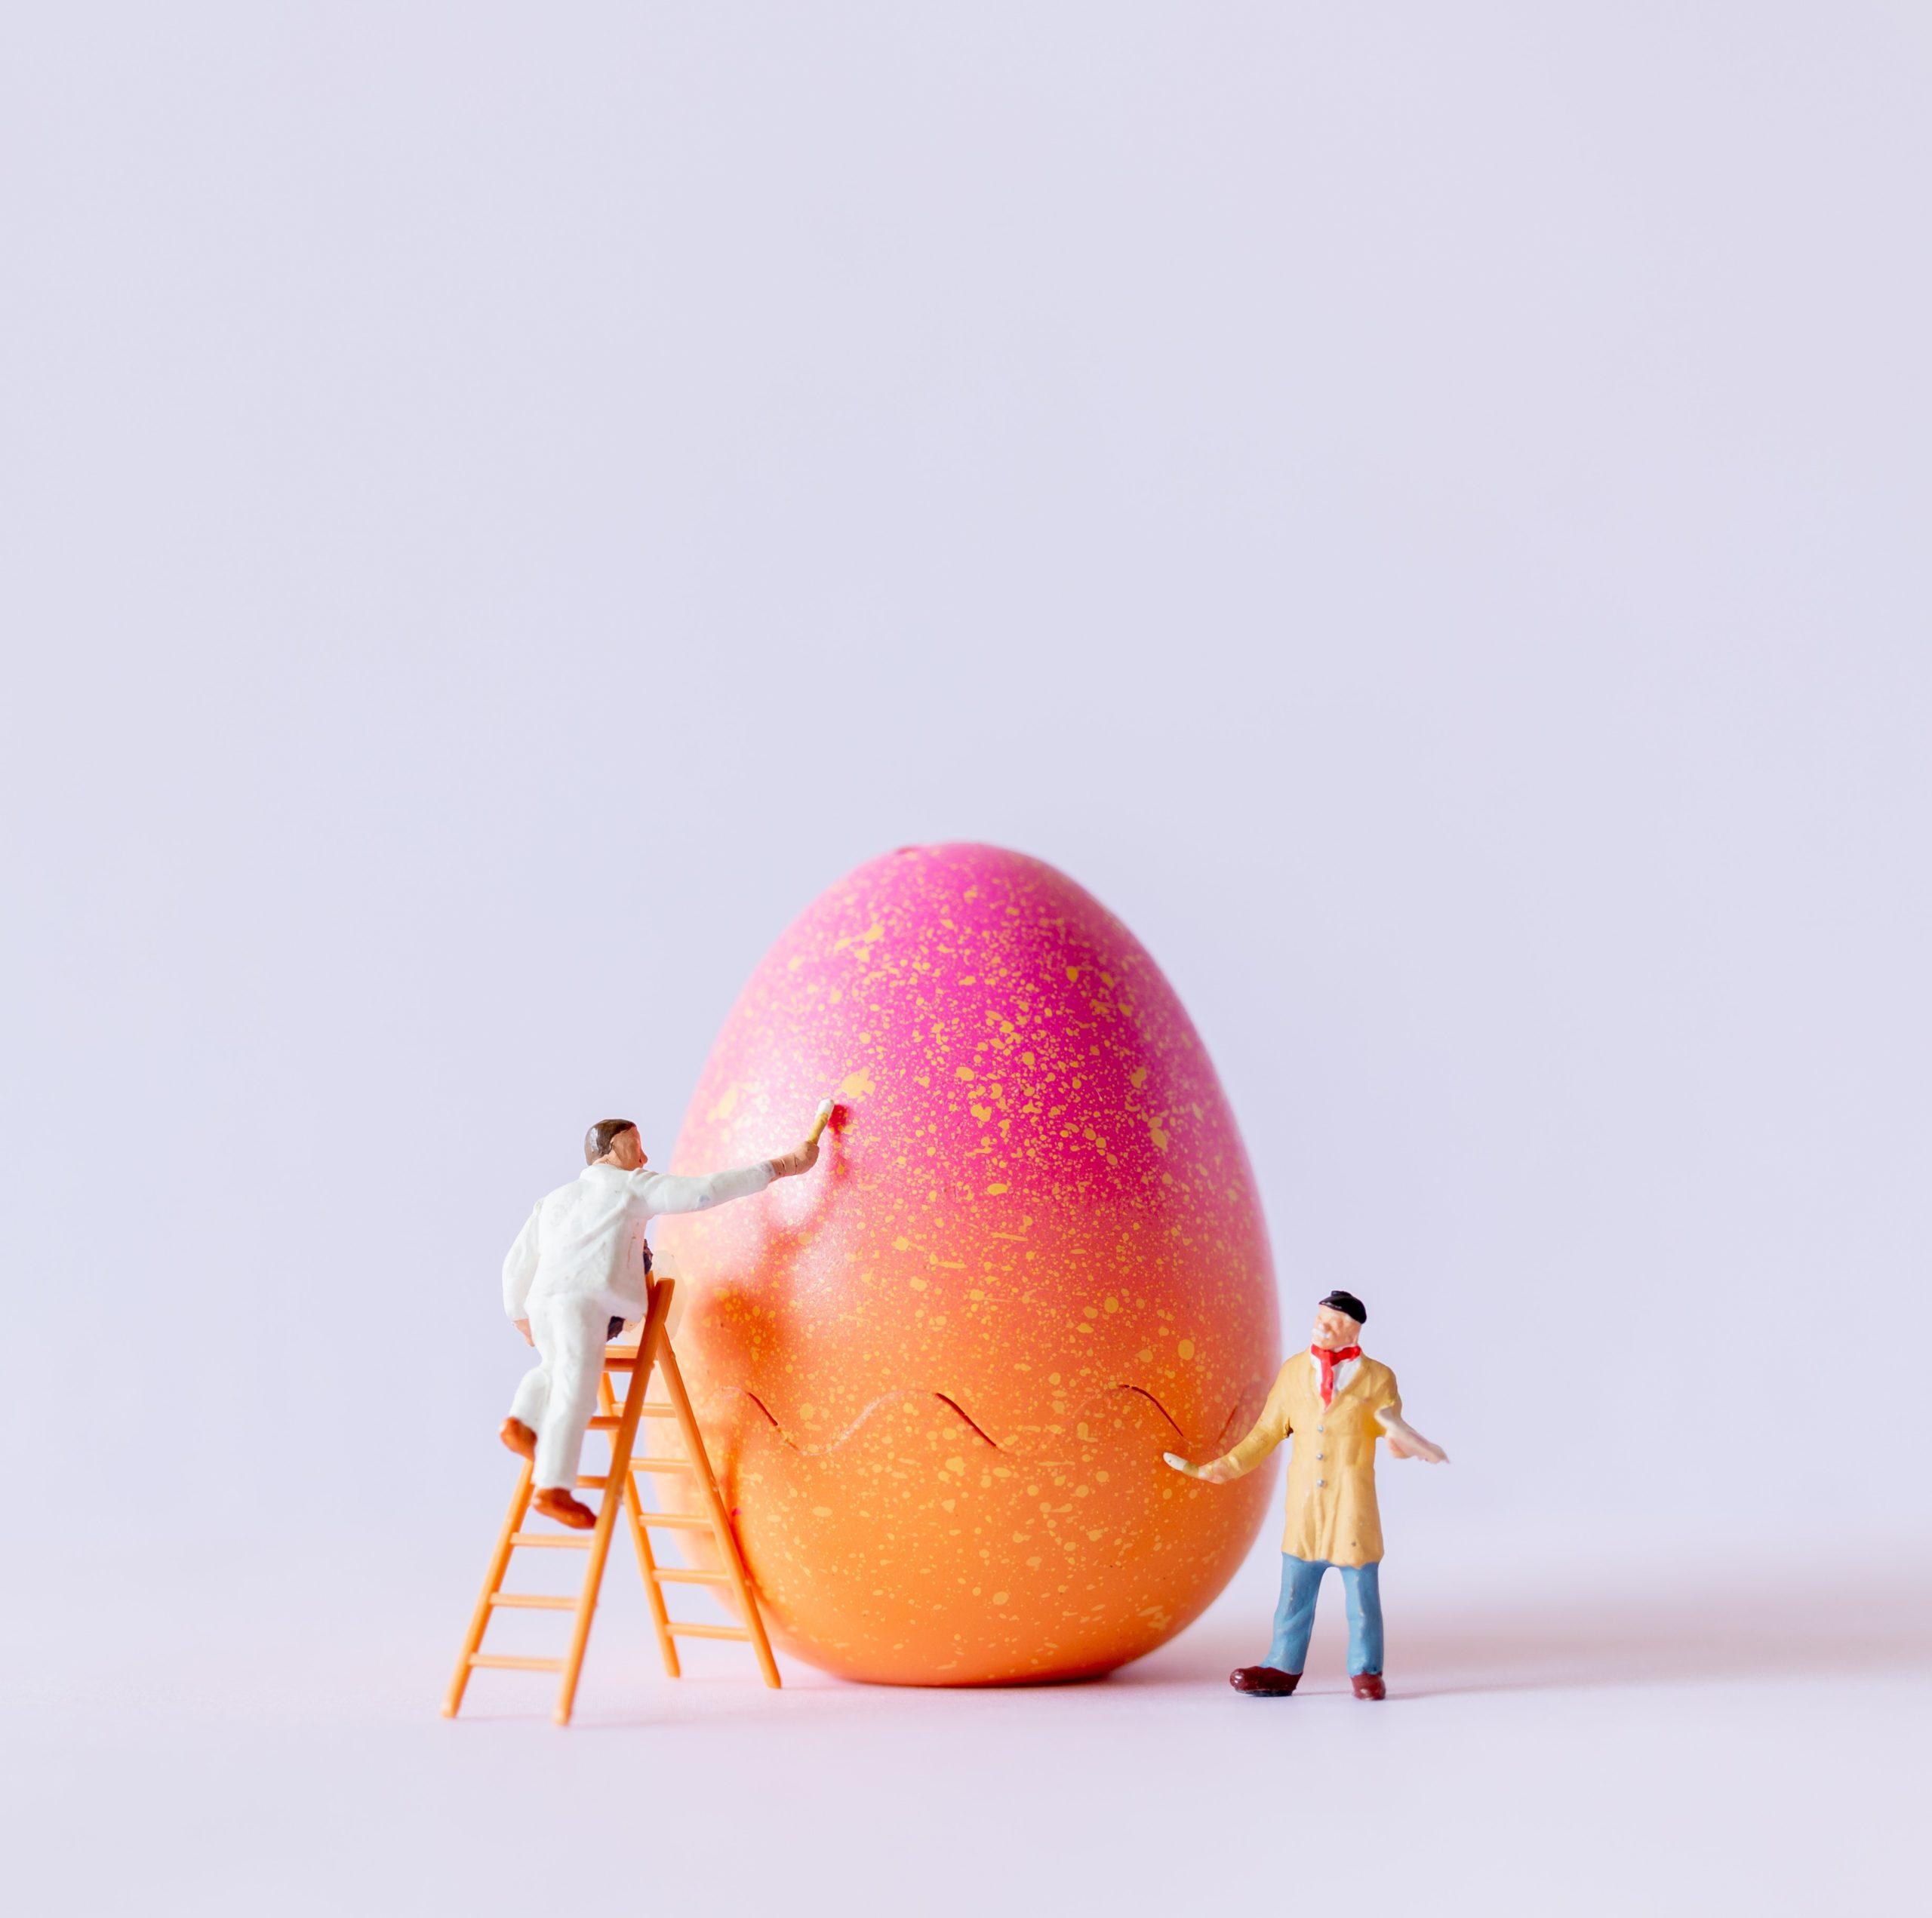 El huevo viral y el surrealismo humano